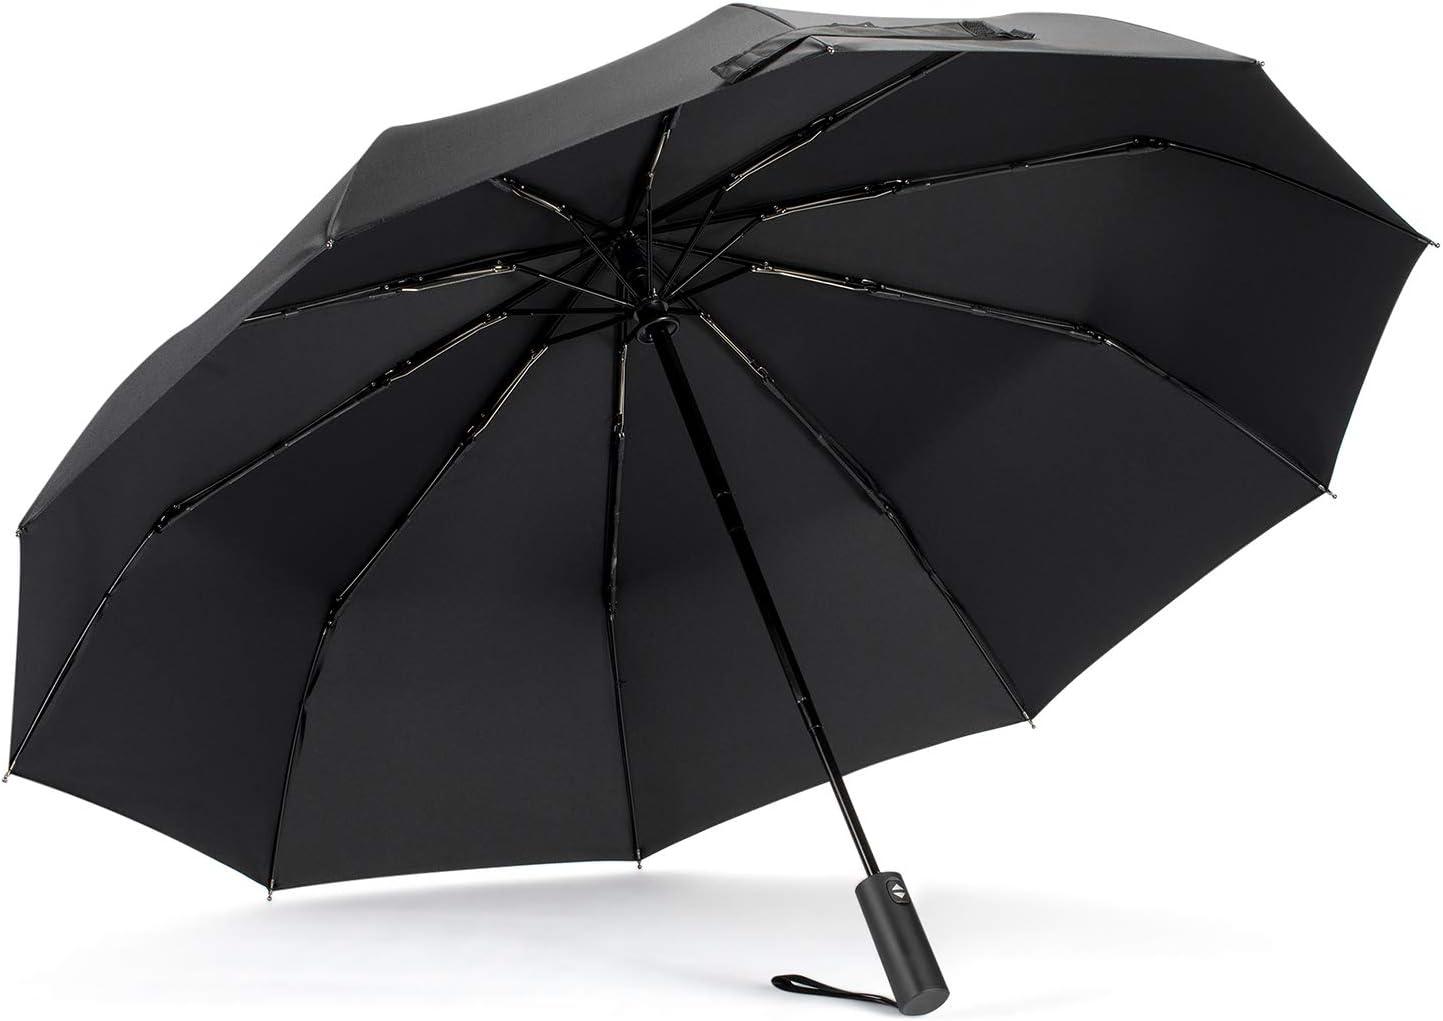 Nero Tasikar Ombrello Portatile Automatico Antivento con 10 Costole Auto Open Close e Maniglia Non-Scivolosa Ombrello da Viaggi Compatto